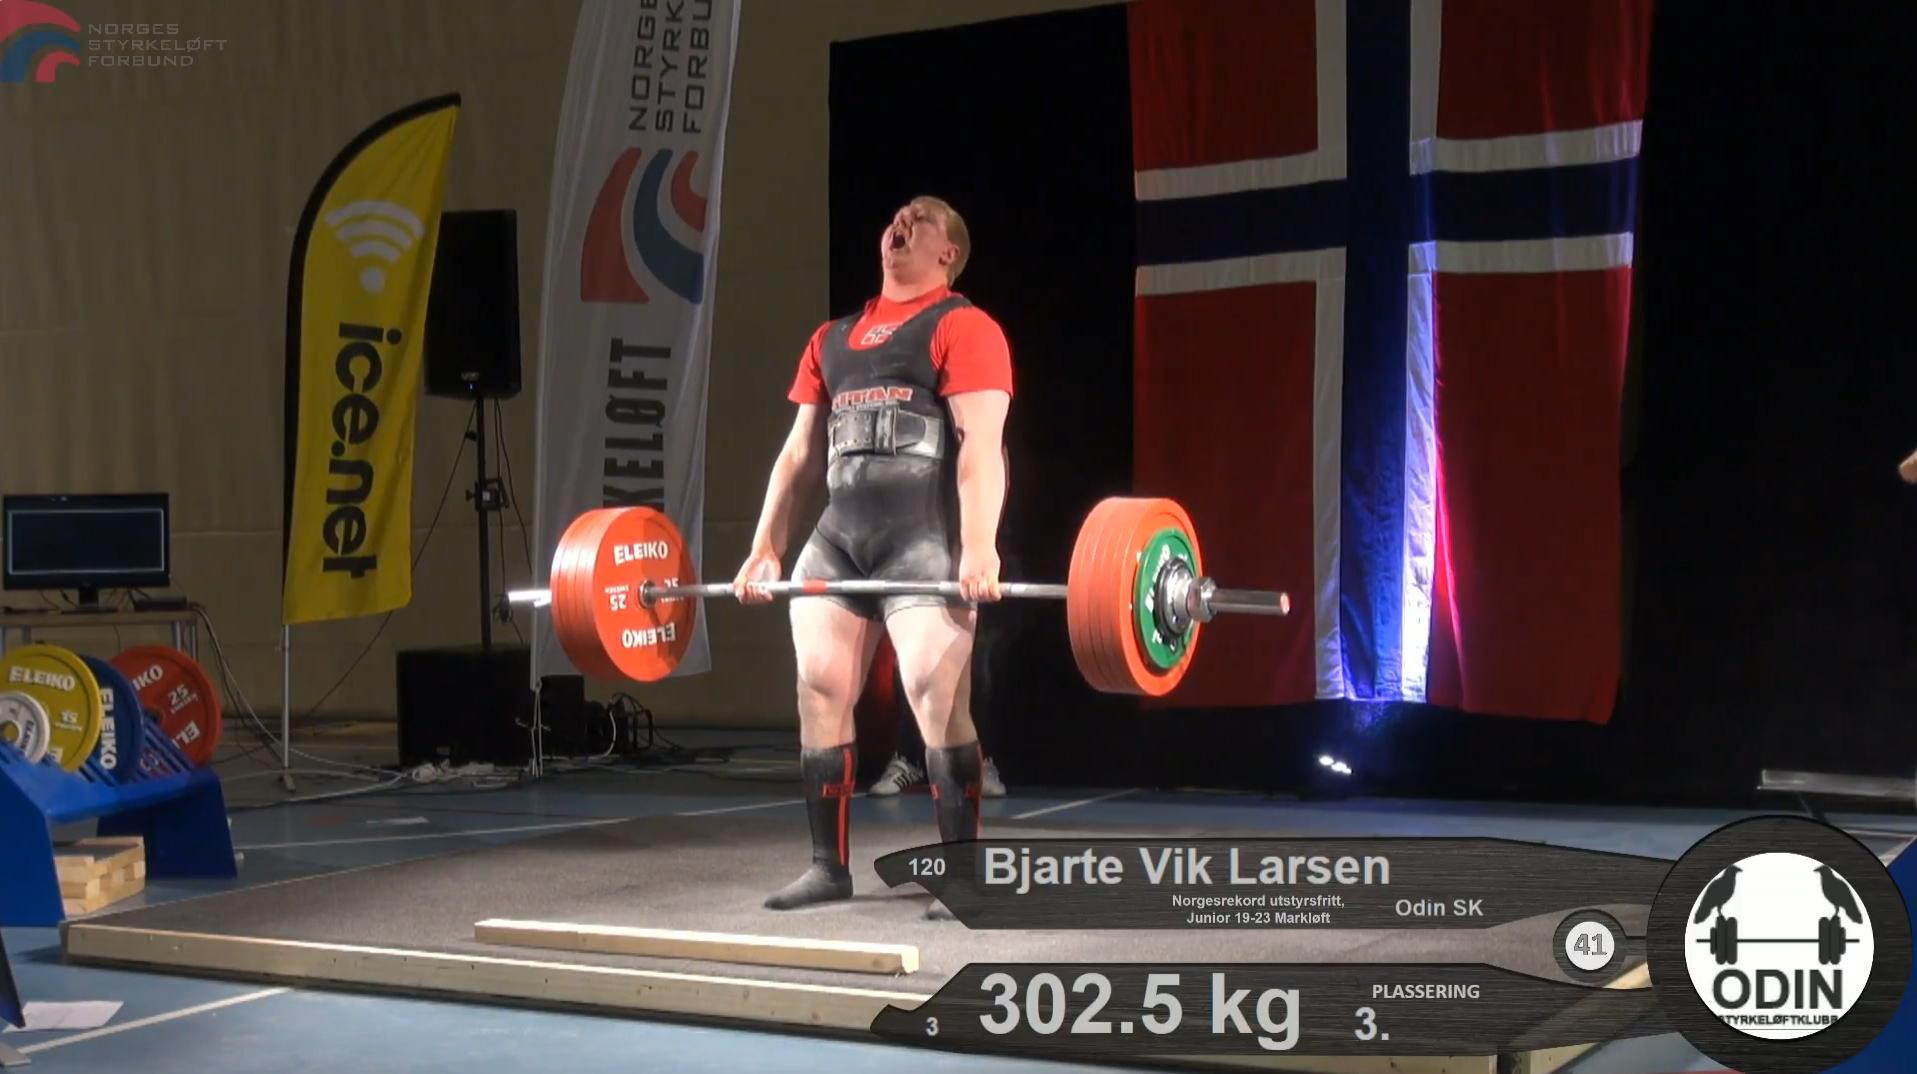 Bjarte Vik Larsen tok bronse og satte tre nye norske juniorrekorder i NM Styrkeløft Utstyrsfritt 2016.